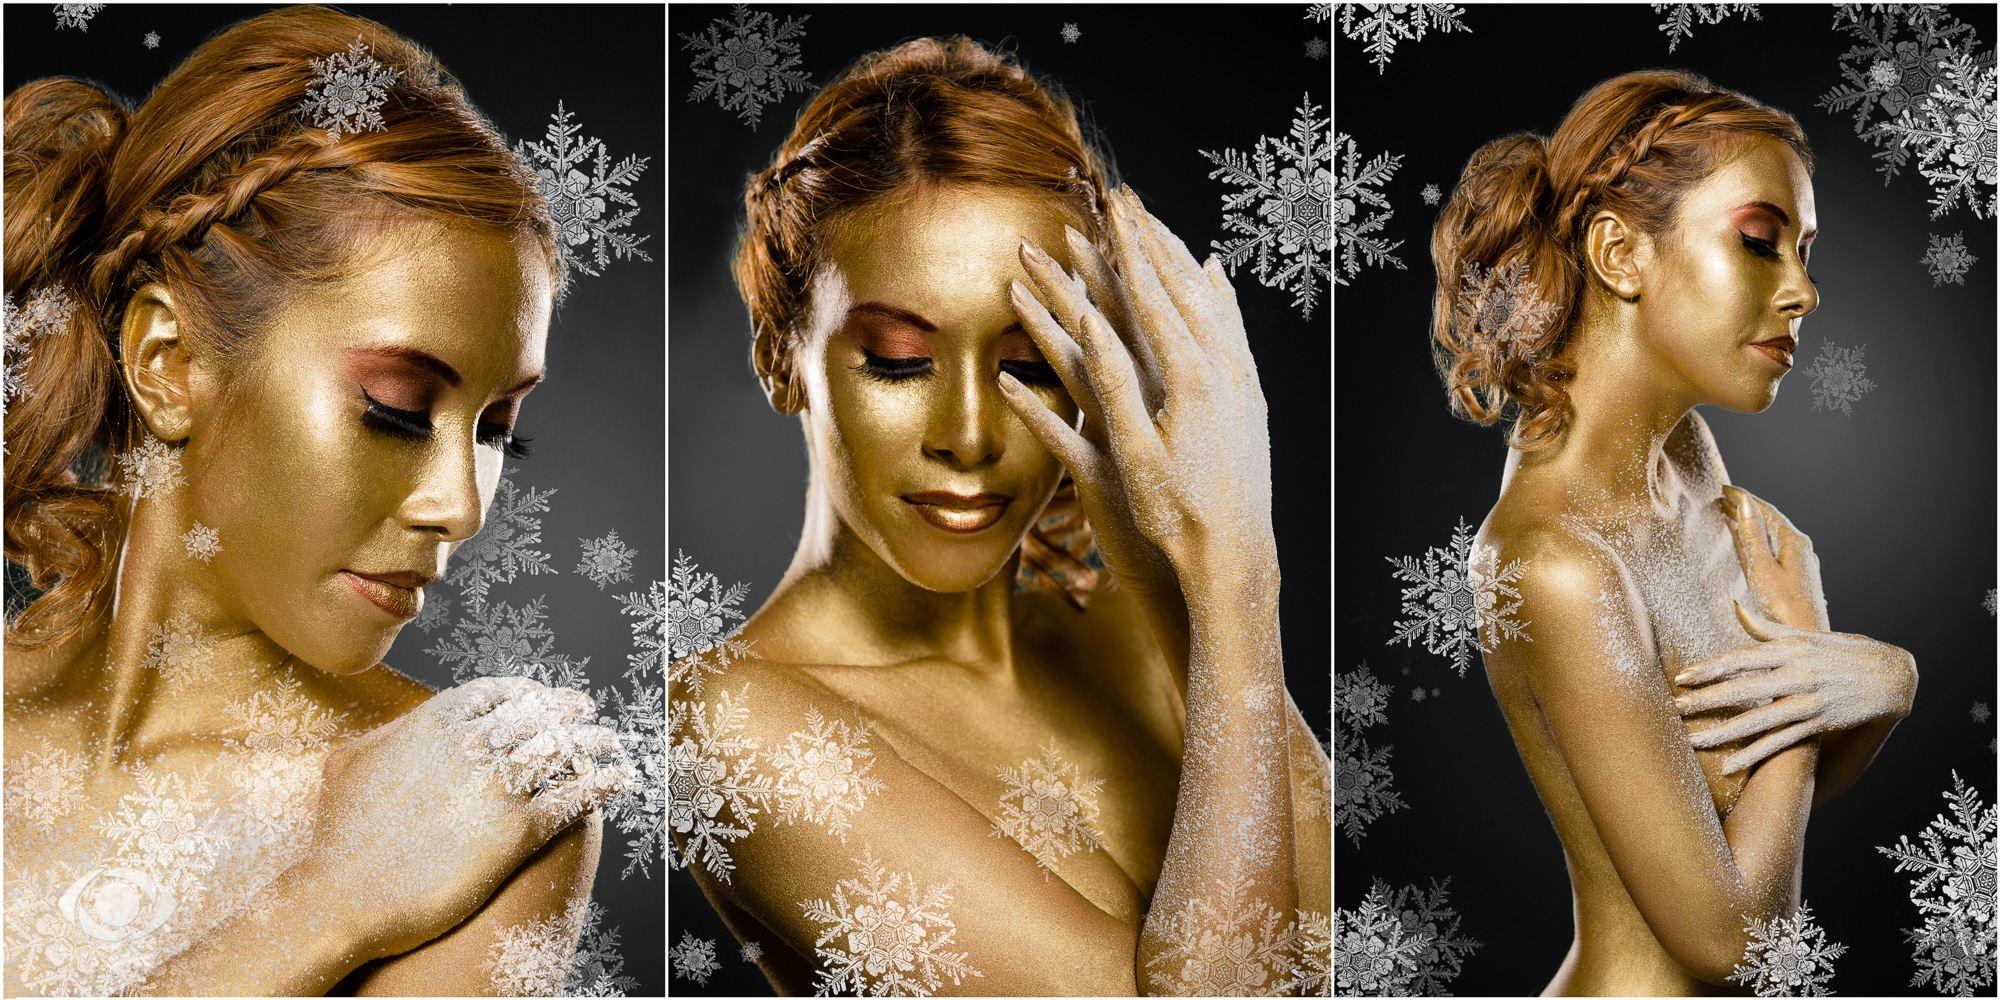 bodypainting coiffeuse jenny suv femme genève modèle mannequin suisse maquilleuse danseuse mode fashion portrait beauté